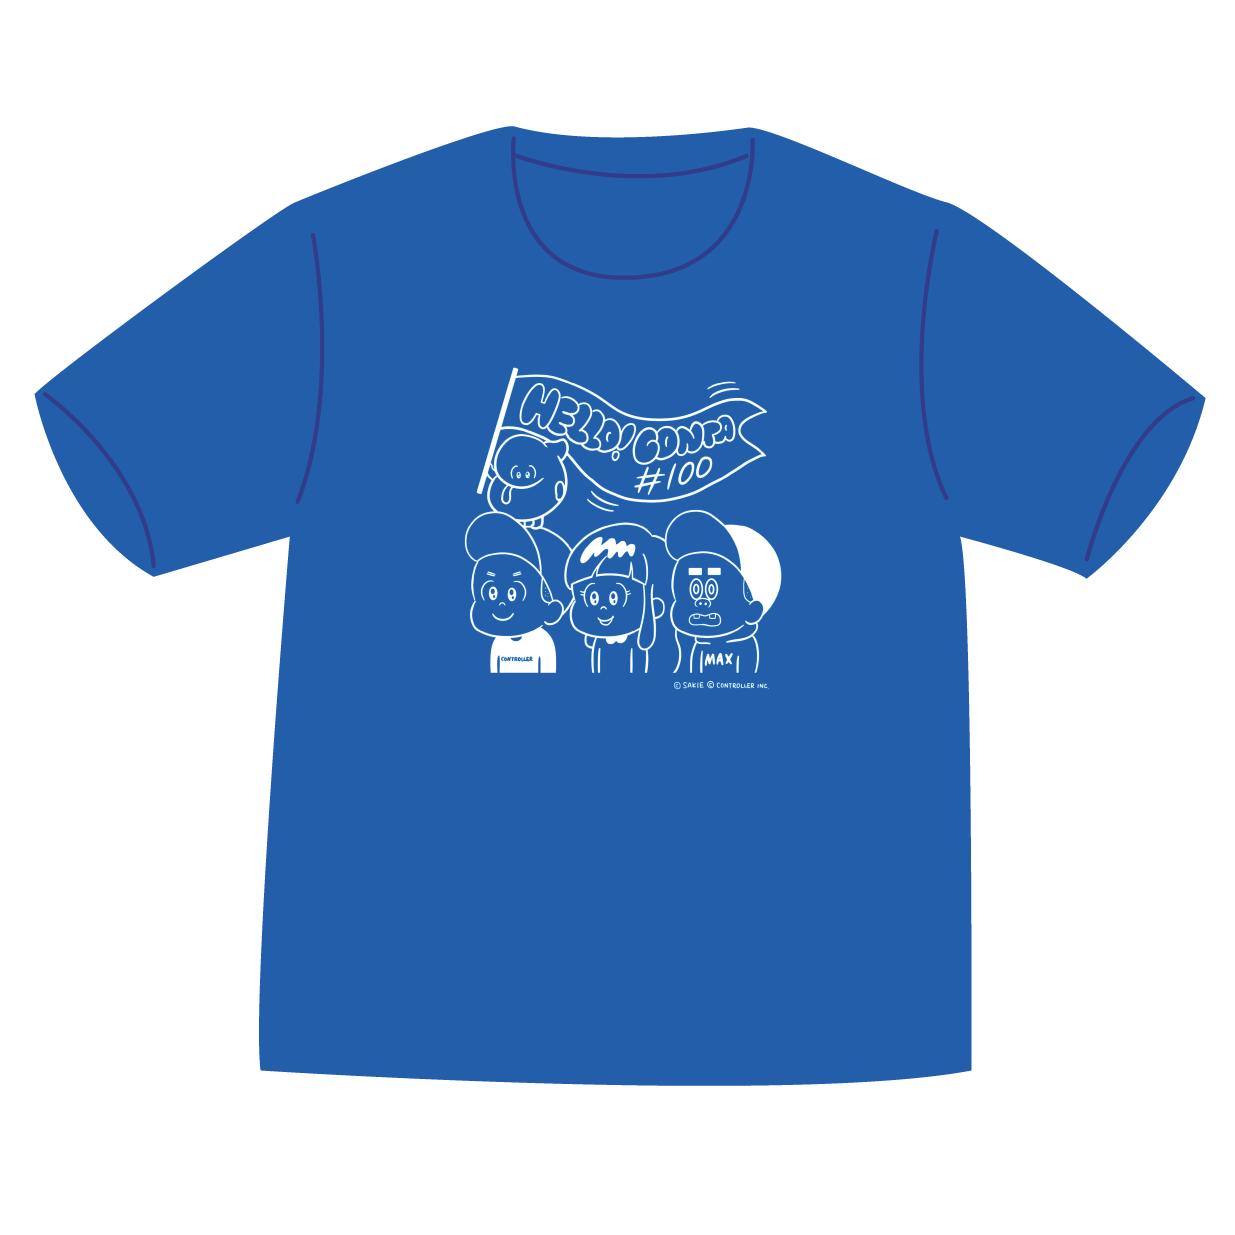 ハローコンタ 1巻 出版記念Tシャツ(ブルー)